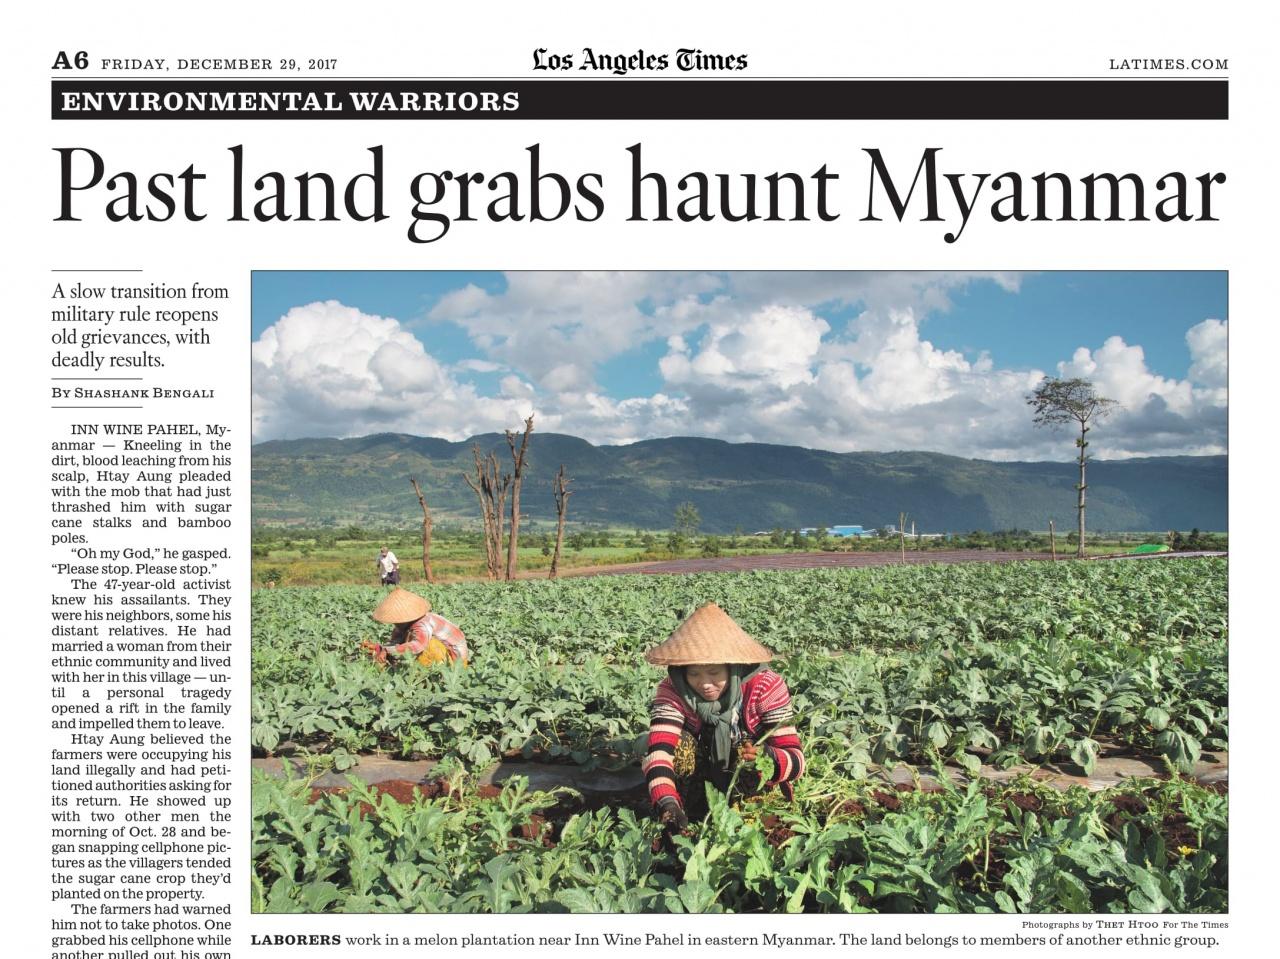 Past land grabs hunt Myanmar